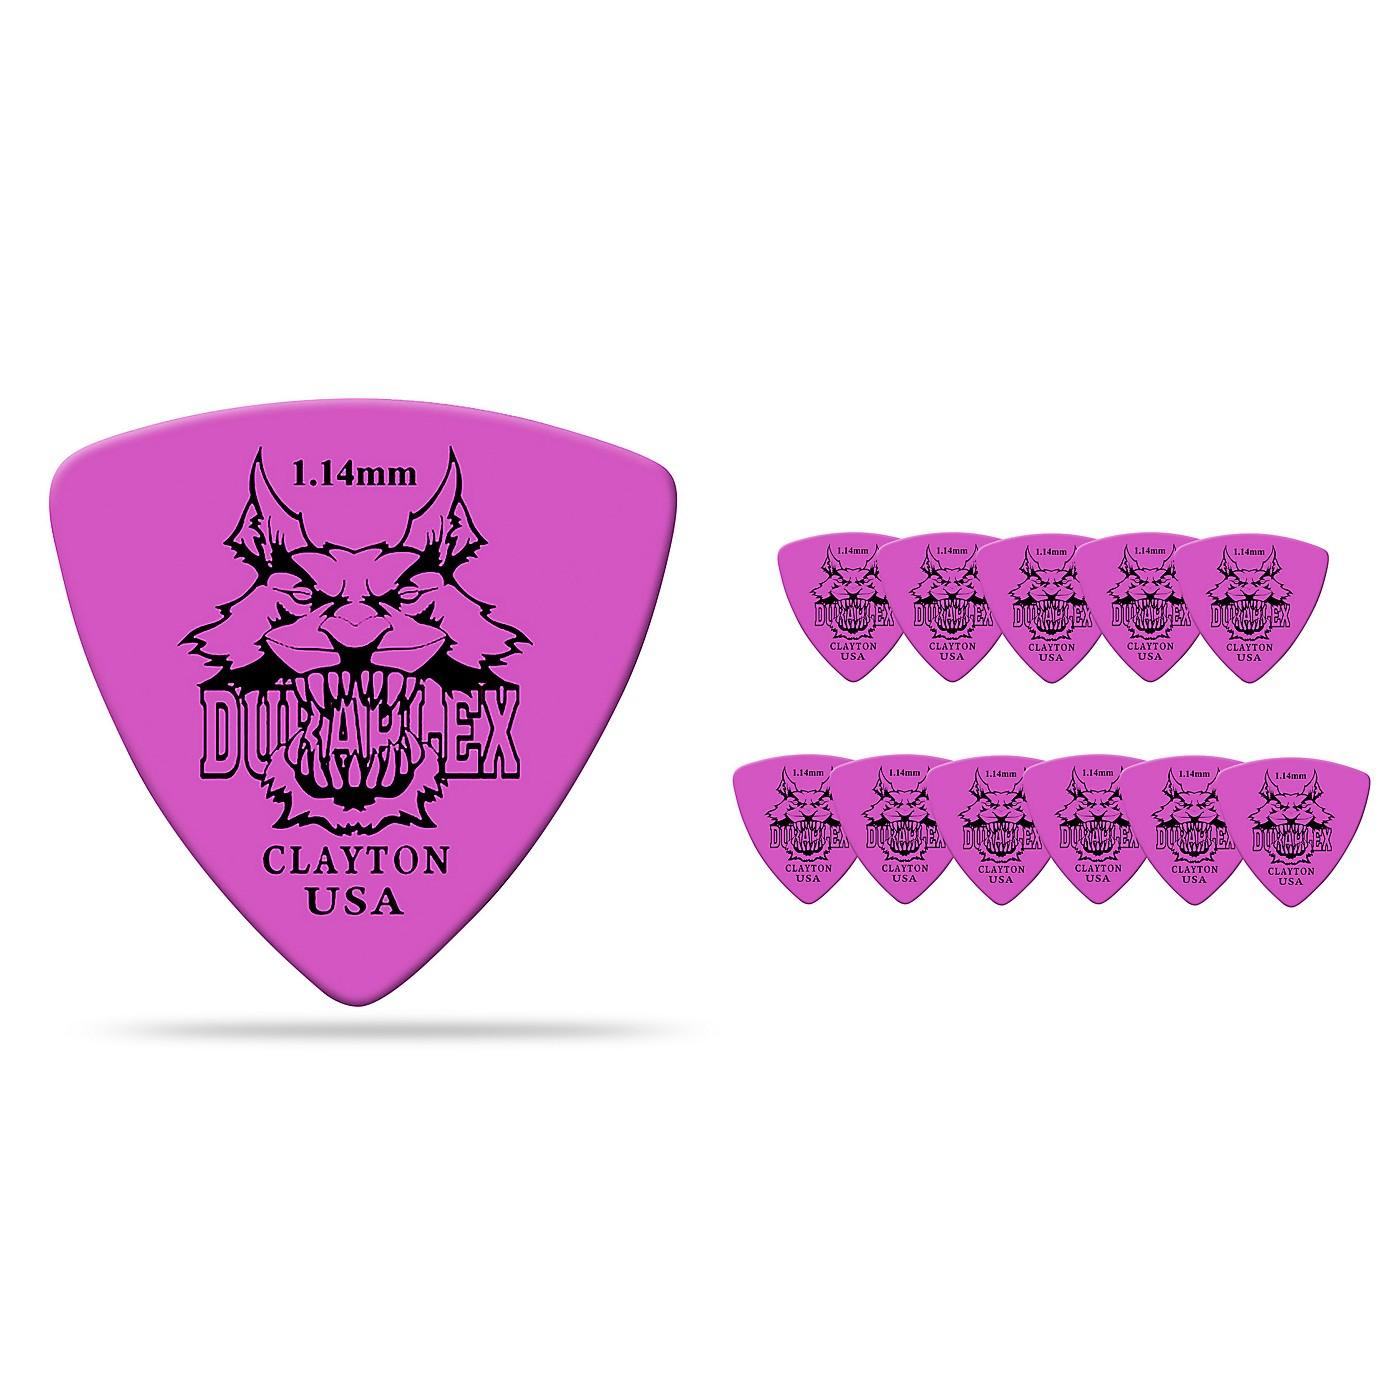 Clayton Duraplex Delrin Rounded Triangle Picks 1 Dozen thumbnail